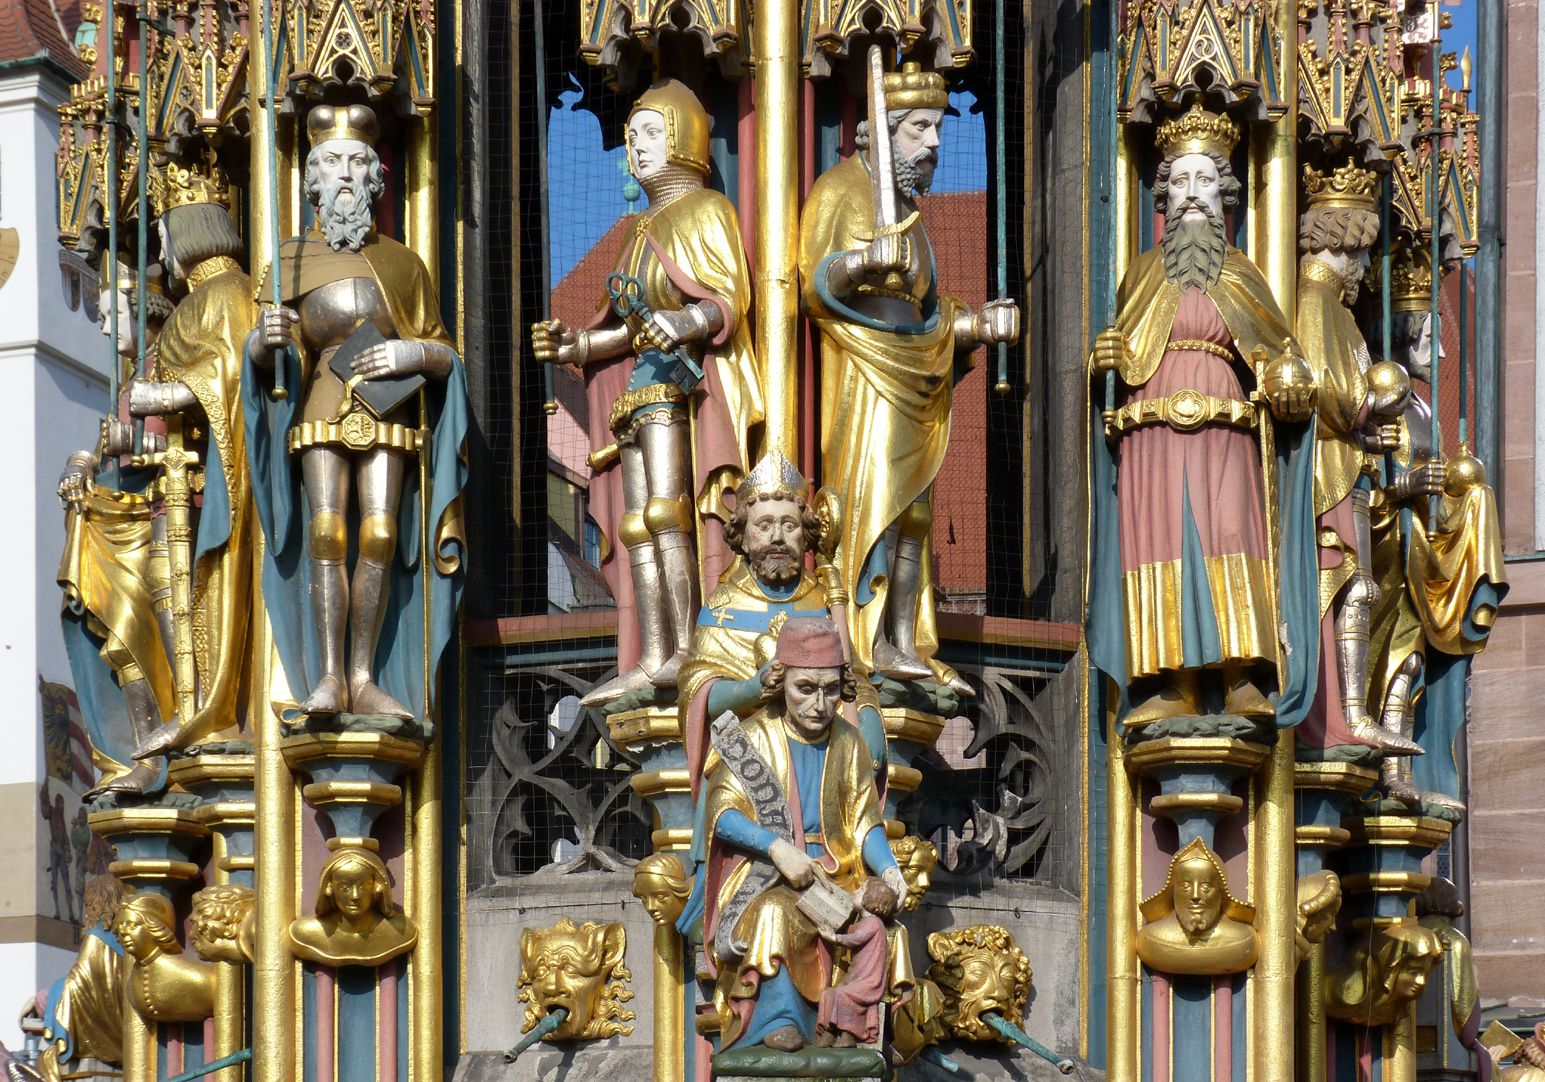 Schöner Brunnen Hauptgeschoss von l. nach r: König von Böhmen, Pfalzgraf bei Rhein, Markgraf von Brandenburg, Herzog von Sachsen, Karl der Große und König Artus